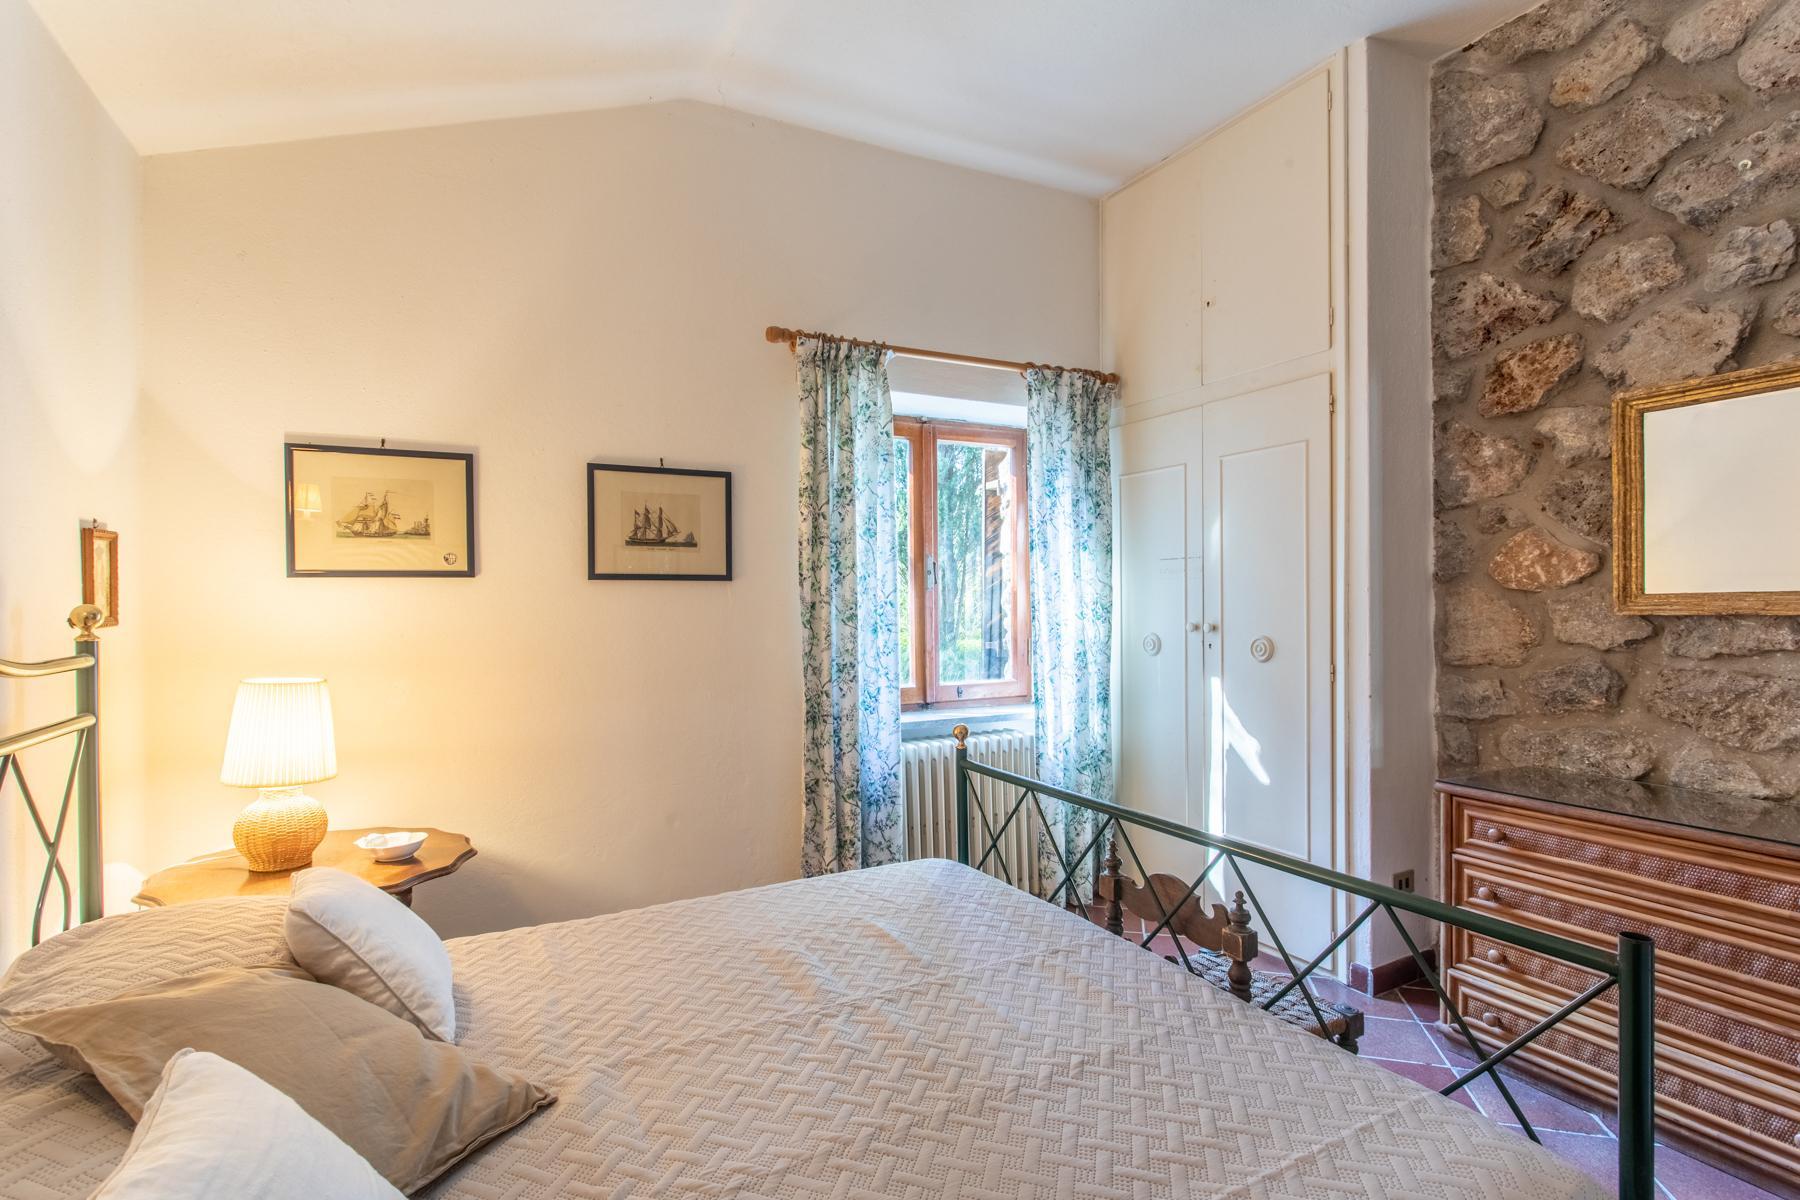 Wundeschöne Villa aus Stein in einzigartiger Umgebung - 24